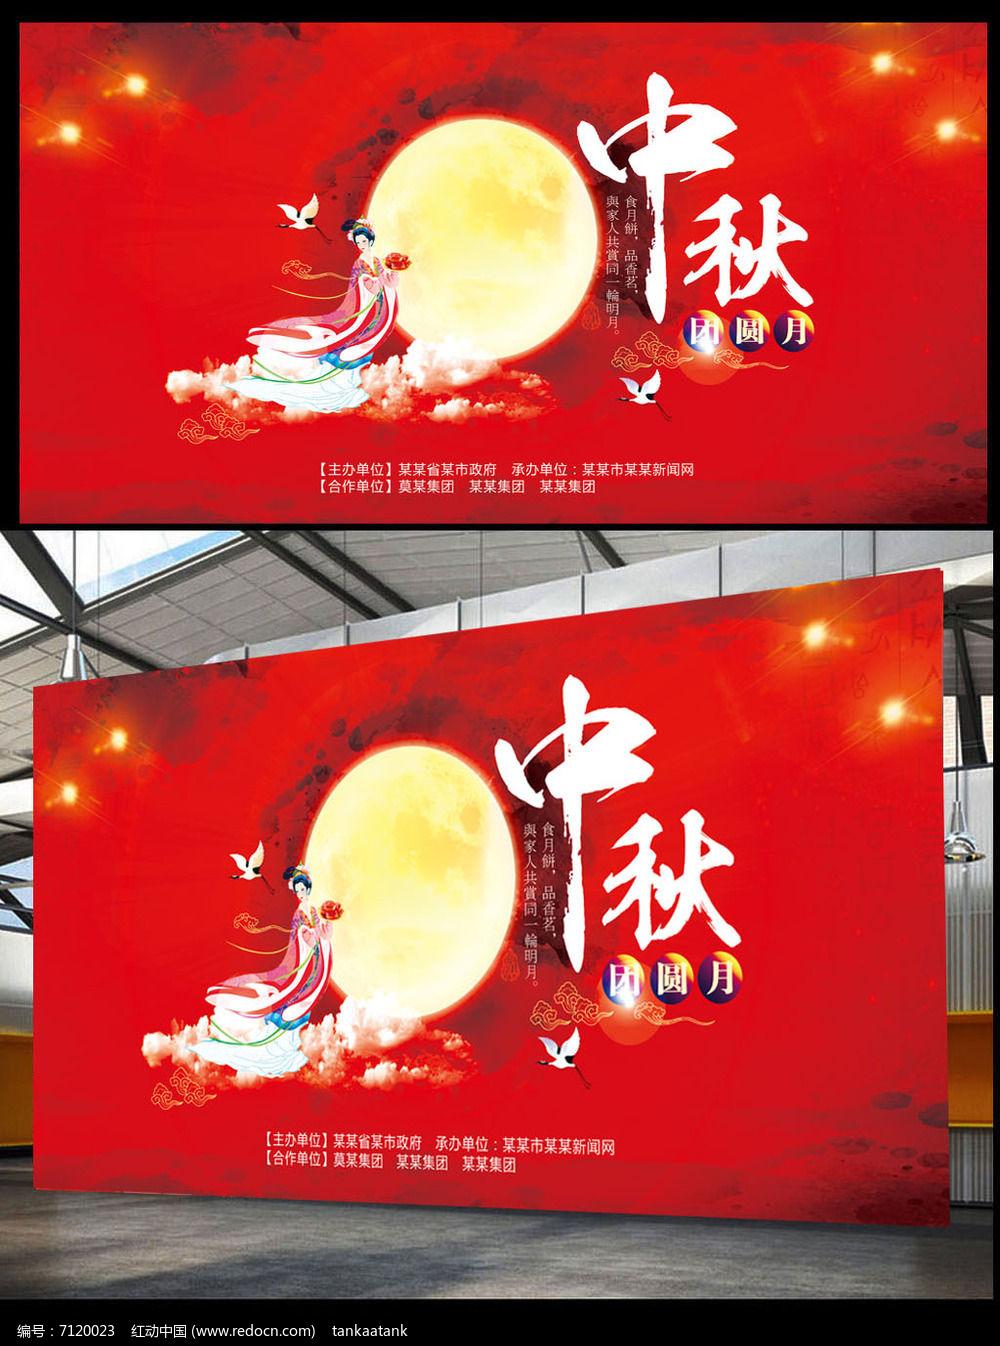 中秋联欢晚会舞台背景展板图片